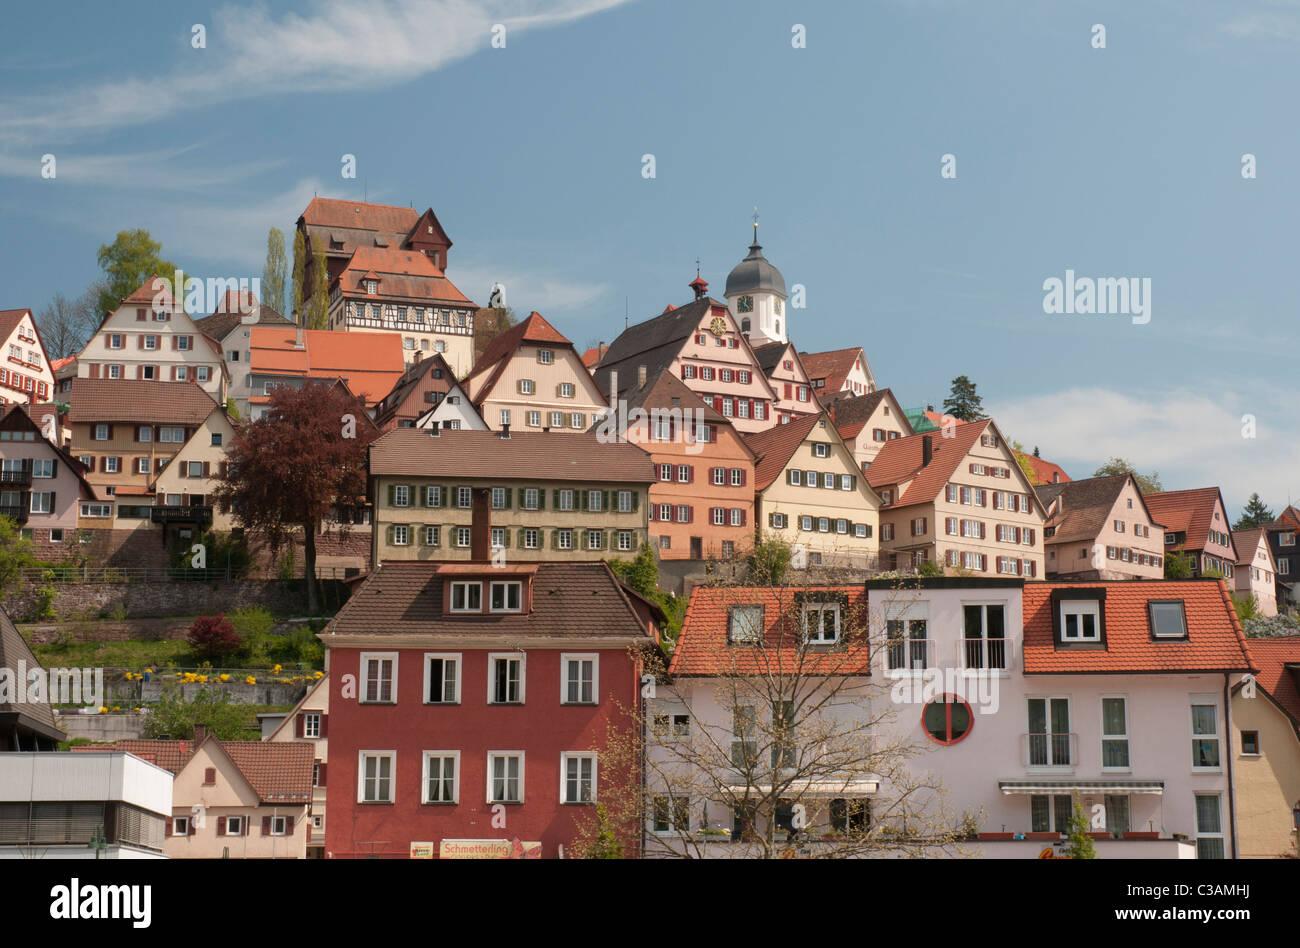 Stadtbild Ansicht Altensteig, Schwarzwald, Baden-Württemberg, Deutschland Stockbild